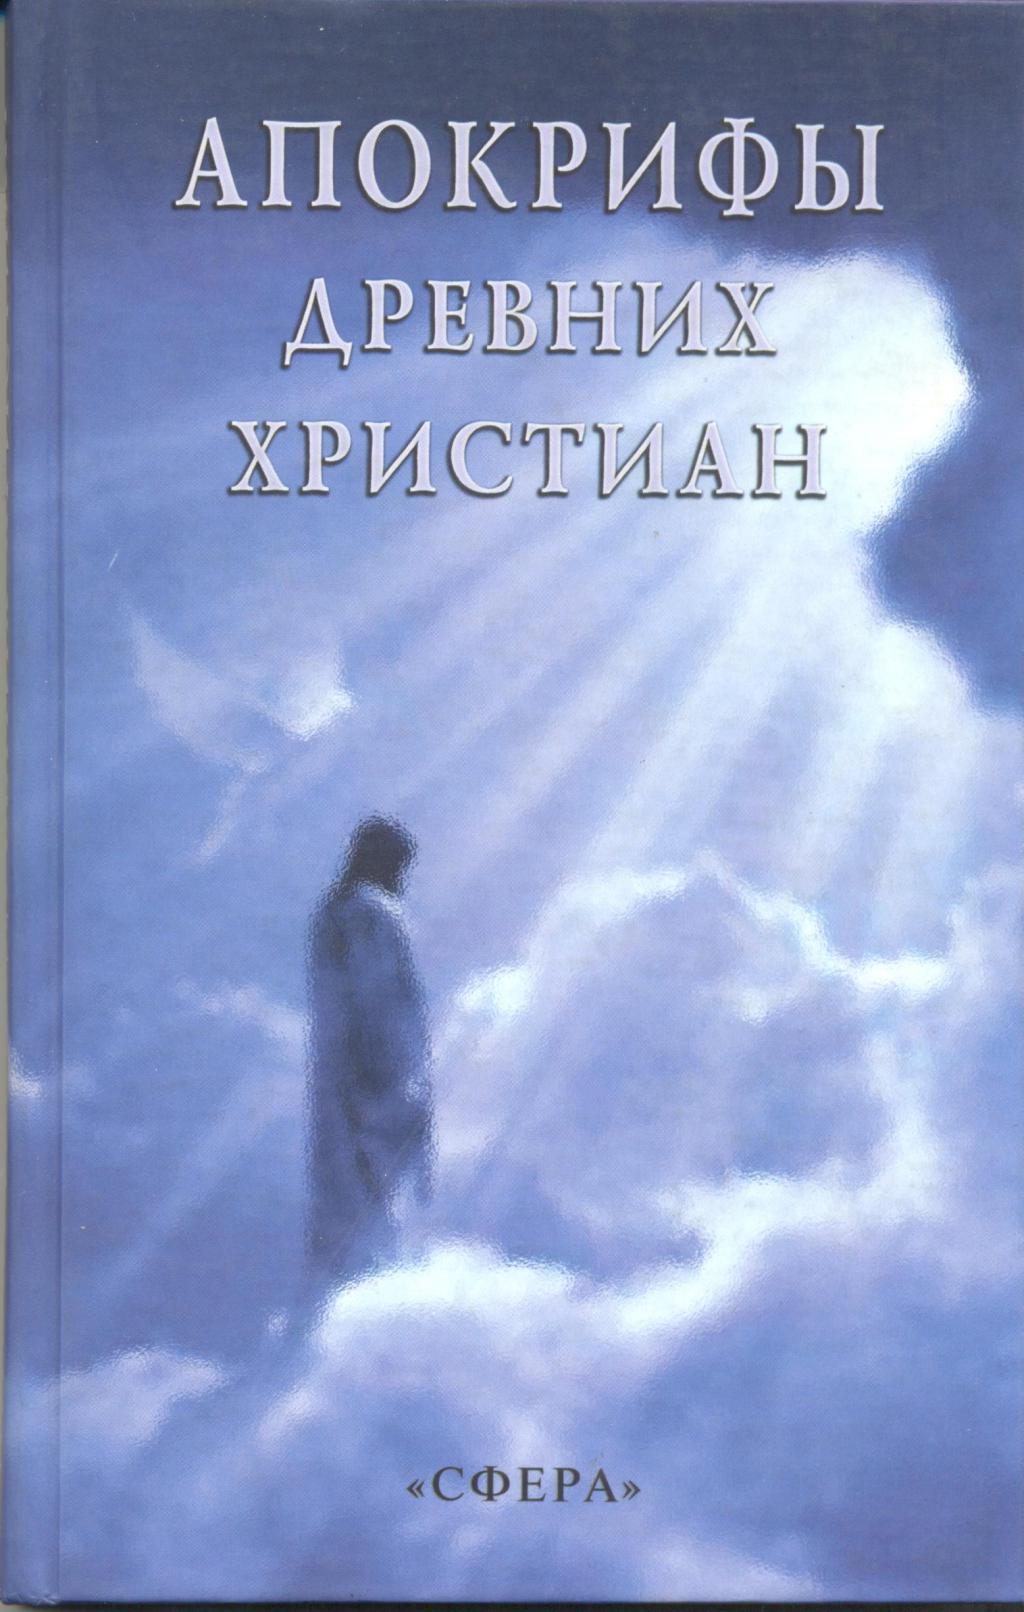 ХРИСТИАНСКИЕ АПОКРИФЫ СКАЧАТЬ БЕСПЛАТНО